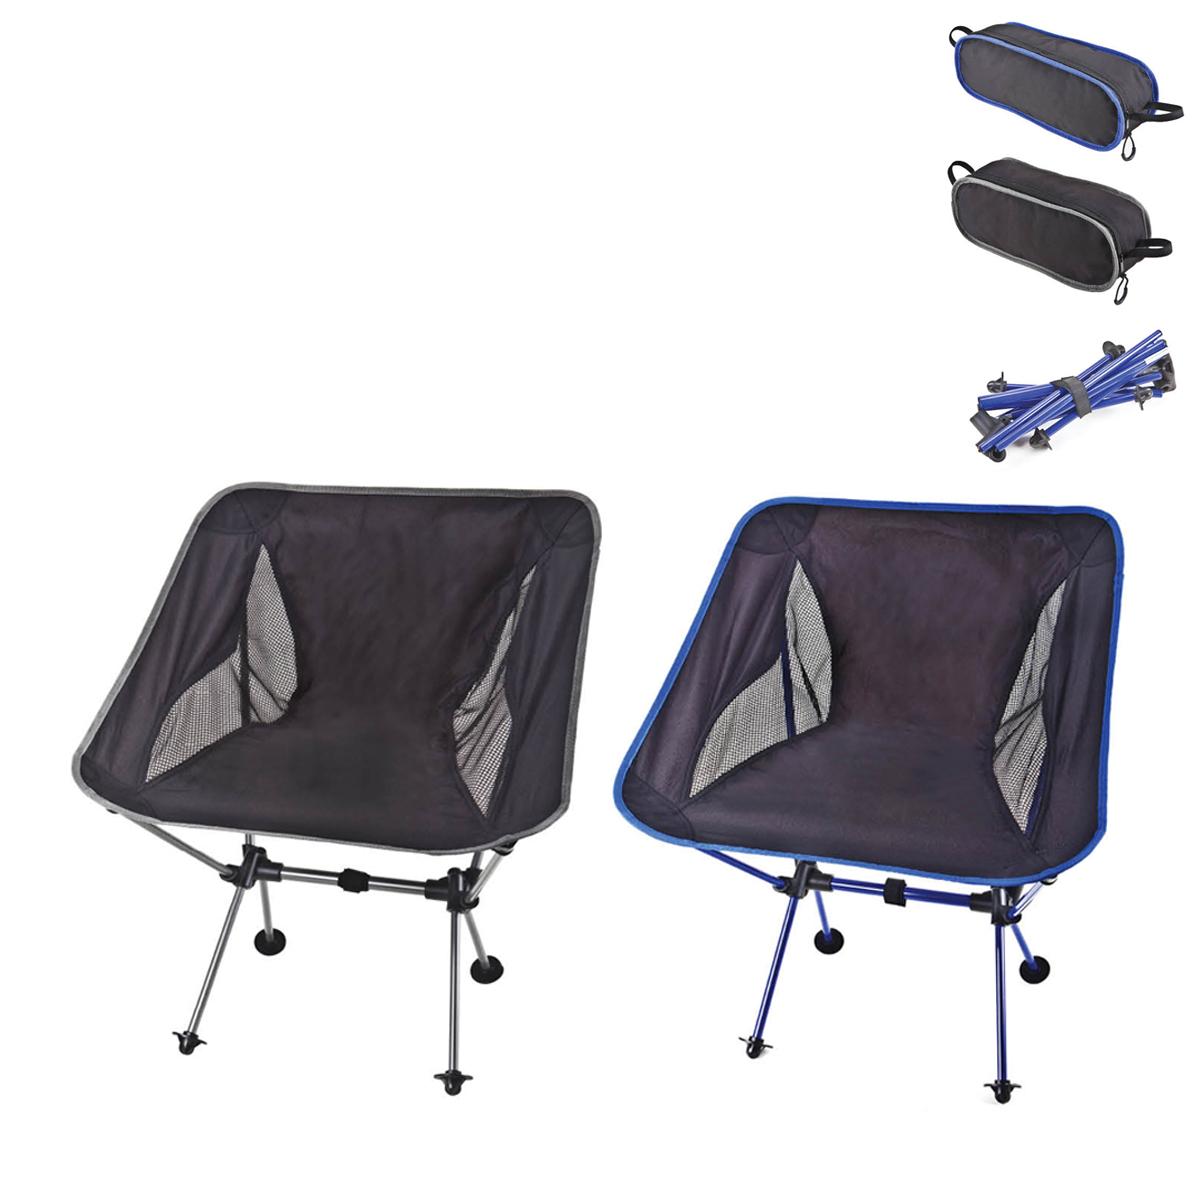 כיסא מתקפל לשרוול נשיאה קטן